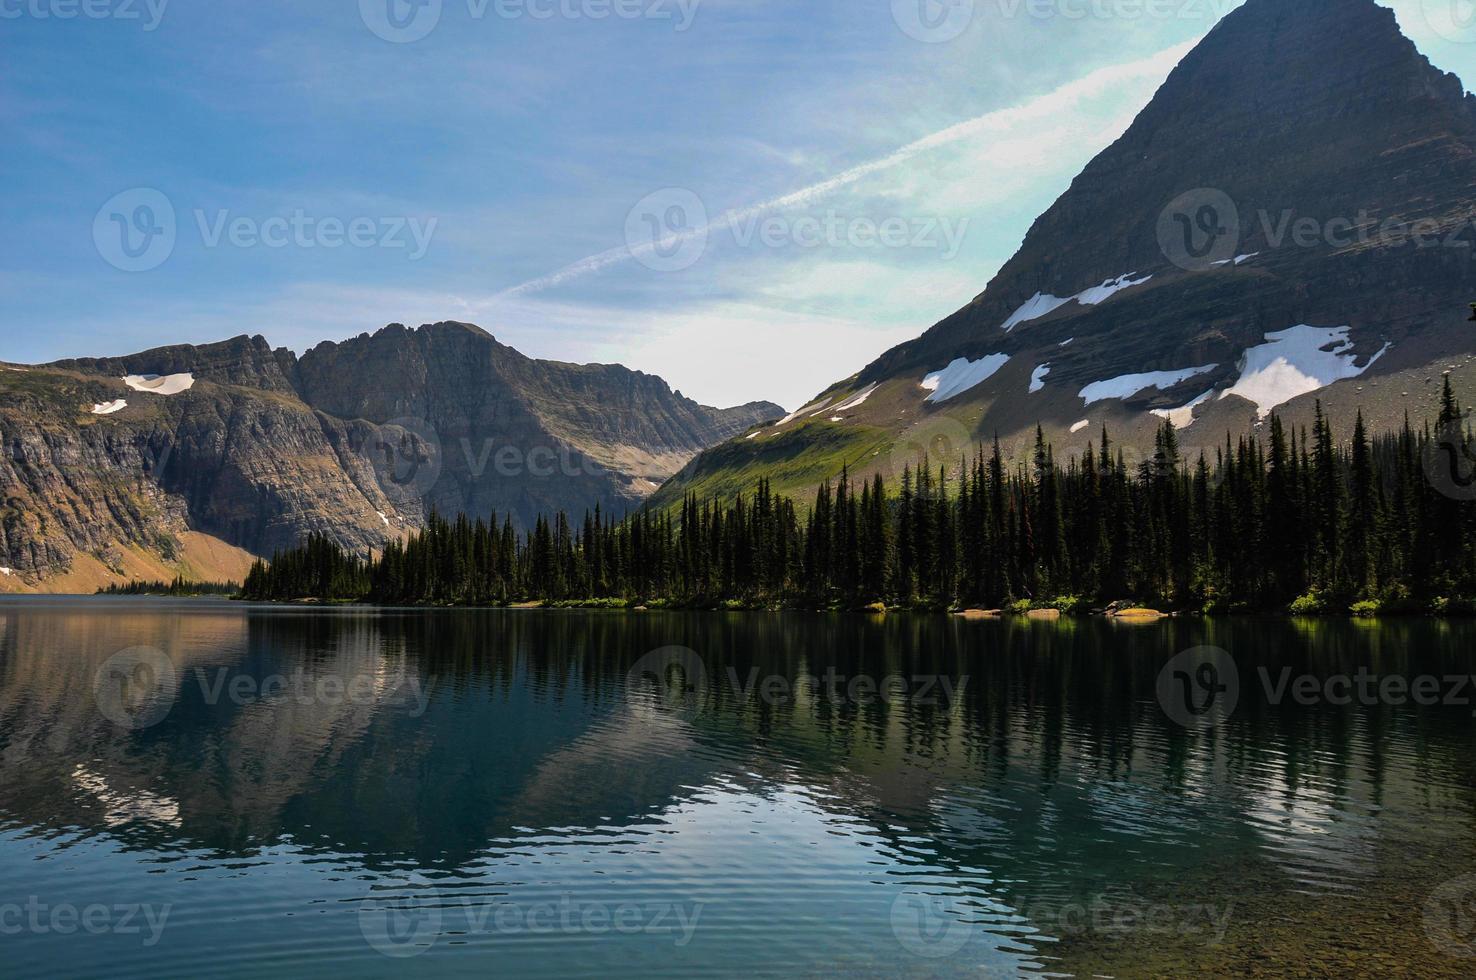 sentiero nascosto del lago, parco nazionale glacier, montana, usa foto